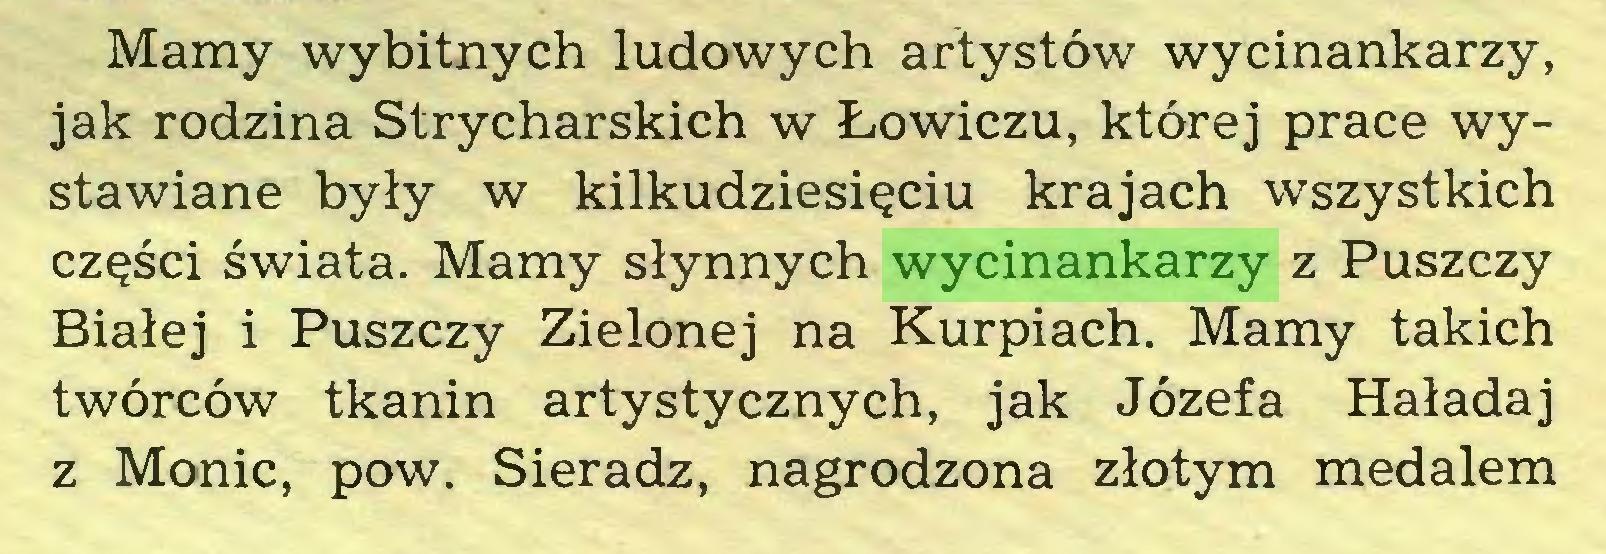 (...) Mamy wybitnych ludowych artystów wycinankarzy, jak rodzina Strycharskich w Łowiczu, której prace wystawiane były w kilkudziesięciu krajach wszystkich części świata. Mamy słynnych wycinankarzy z Puszczy Białej i Puszczy Zielonej na Kurpiach. Mamy takich twórców tkanin artystycznych, jak Józefa Haładaj z Monie, pow. Sieradz, nagrodzona złotym medalem...